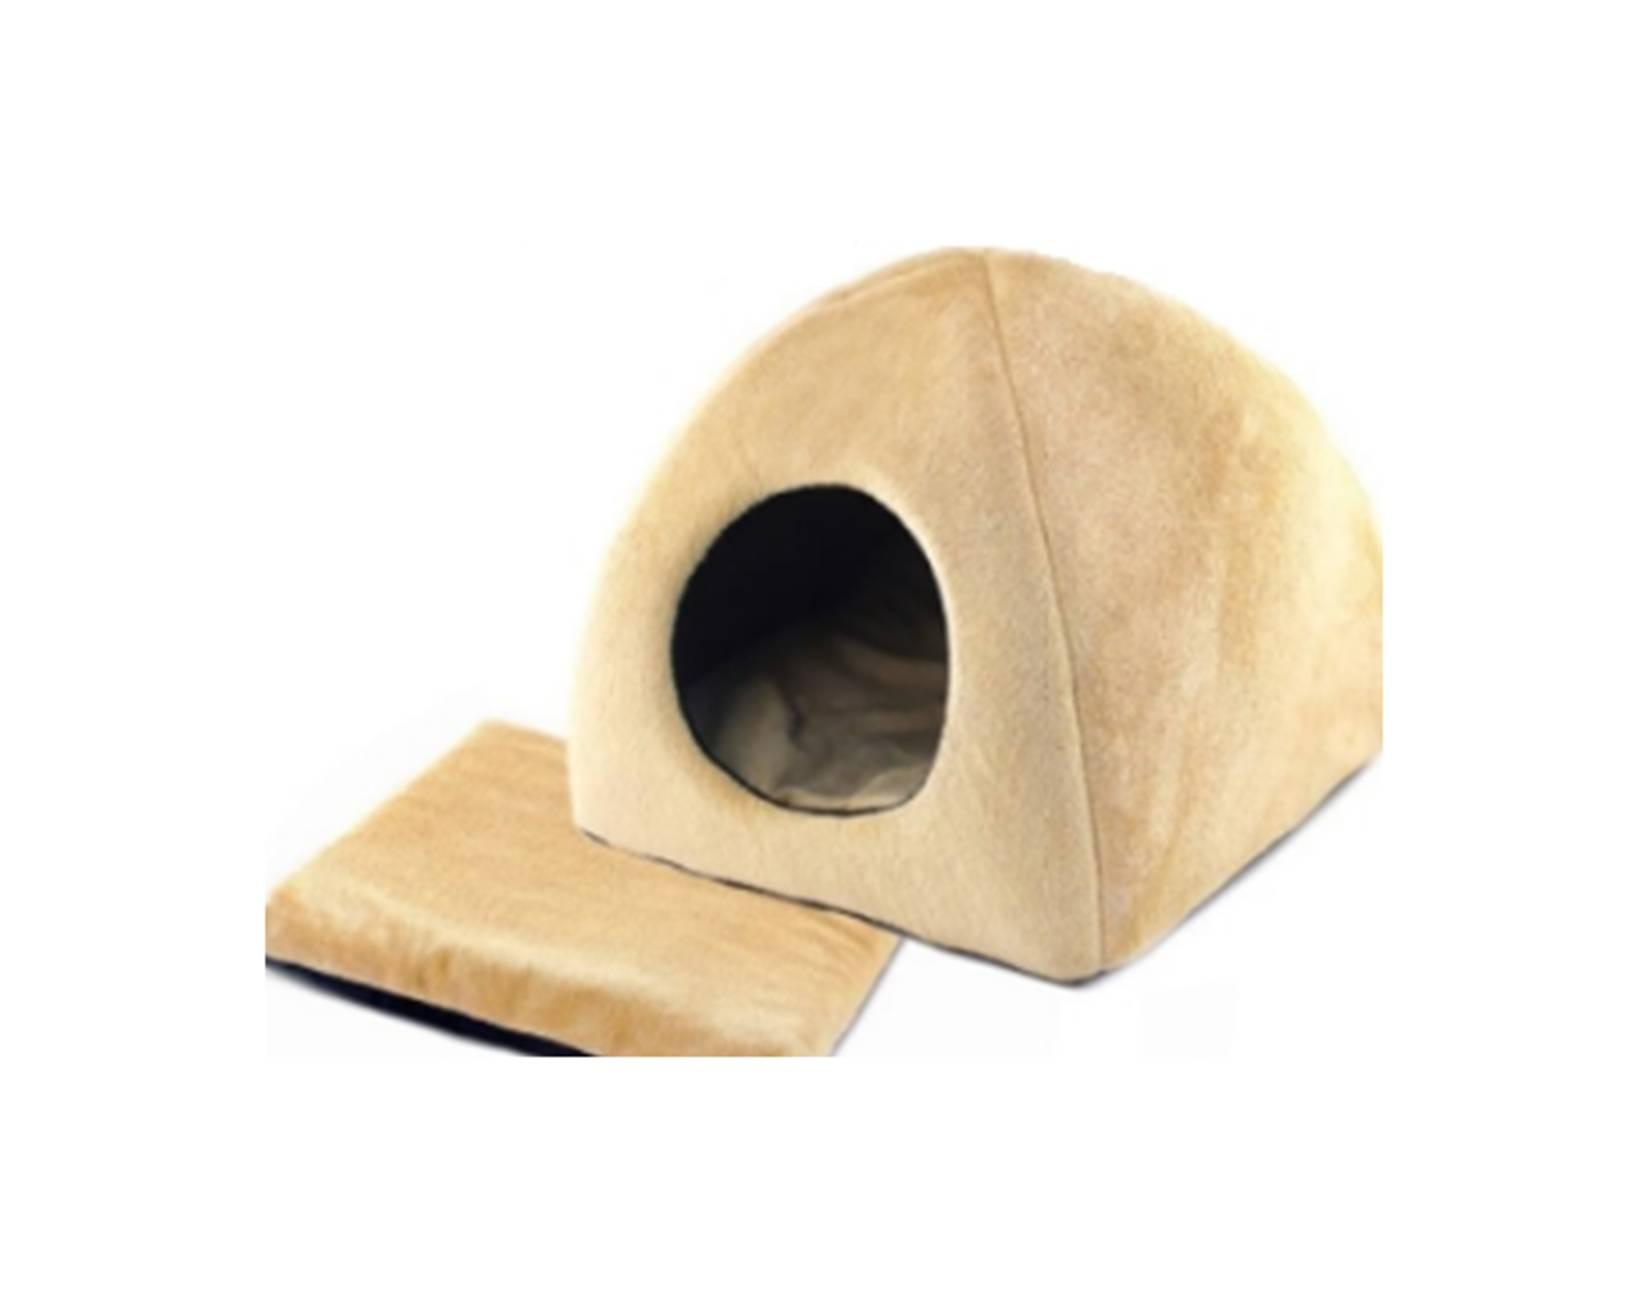 Как сшить домик для кошки своими руками: выкройки, пошаговое 29